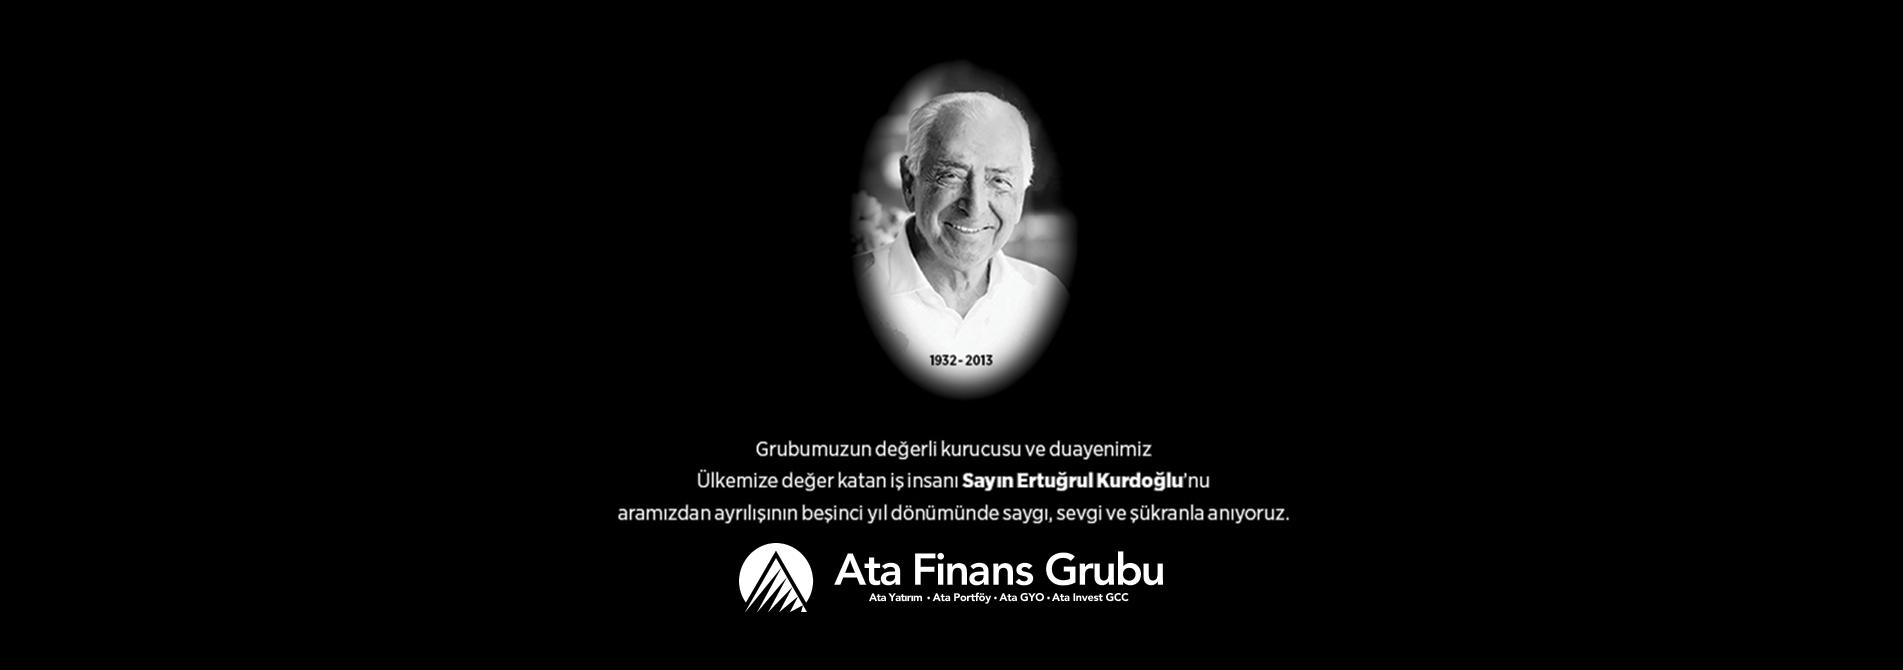 SN. Ertuğrul Kurdoğlu'nun vefatının 5. Yıldönümü